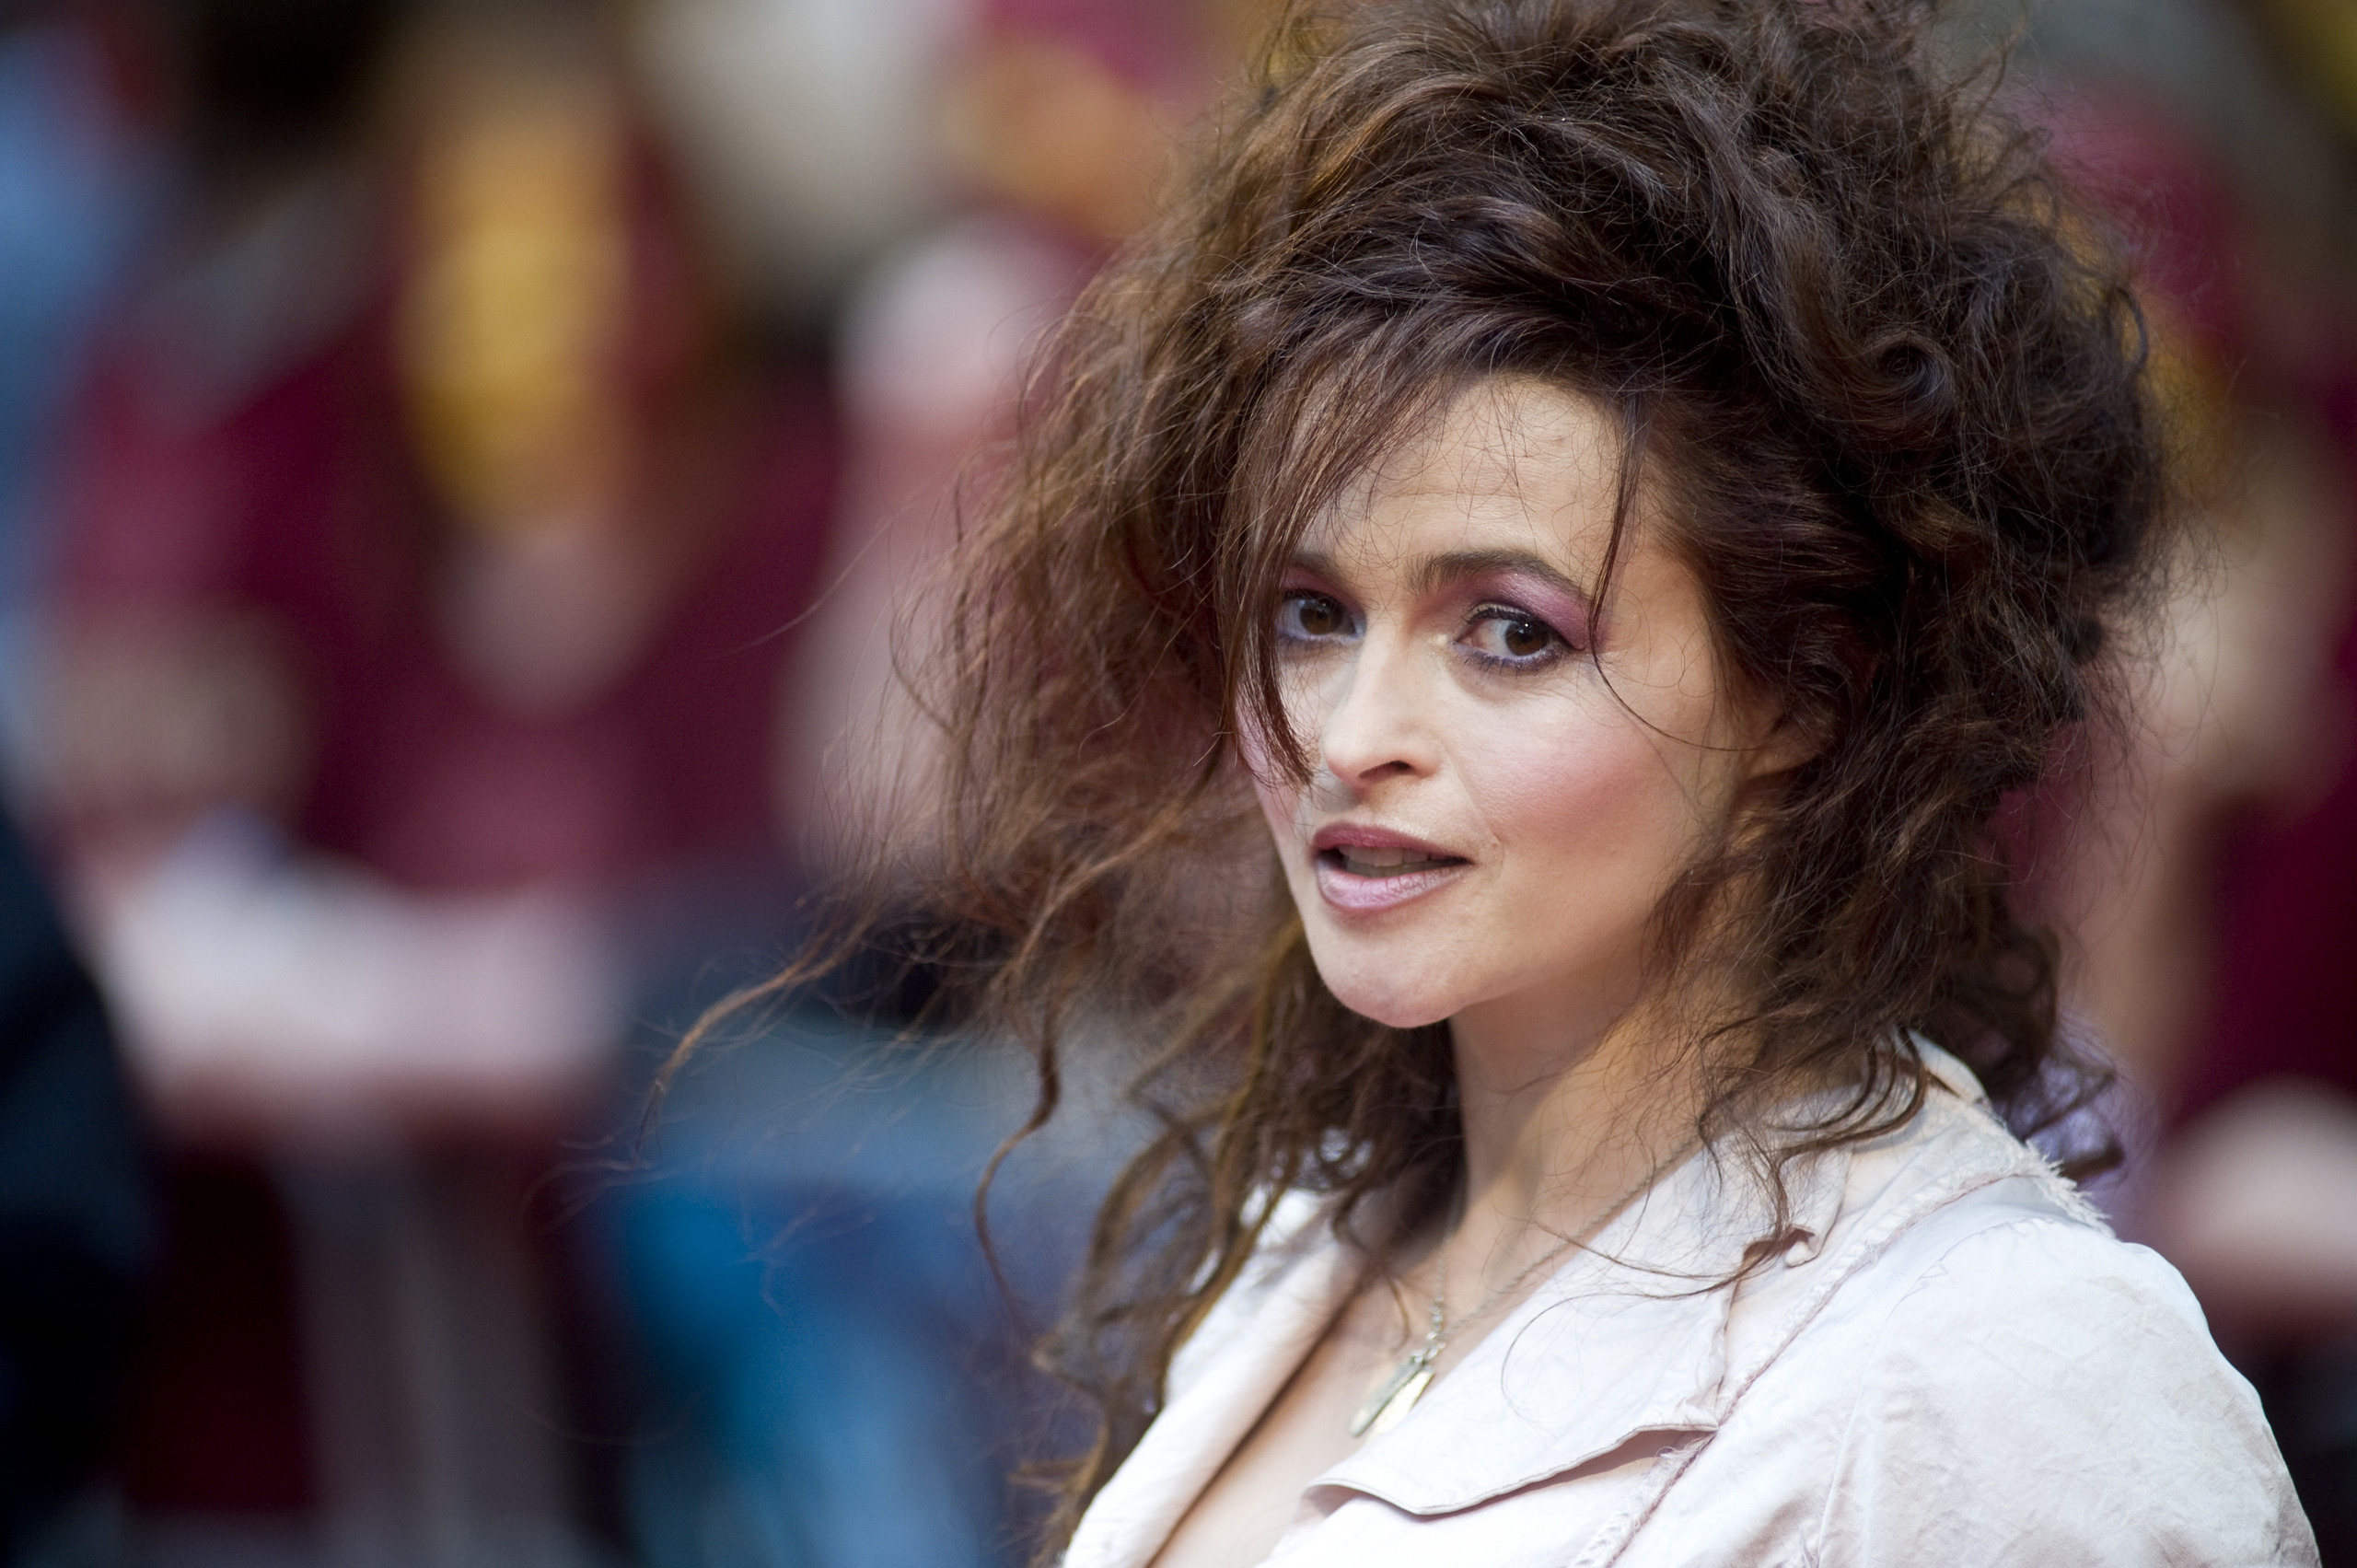 High Resolution Wallpaper | Helena Bonham Carter 2560x1703 px